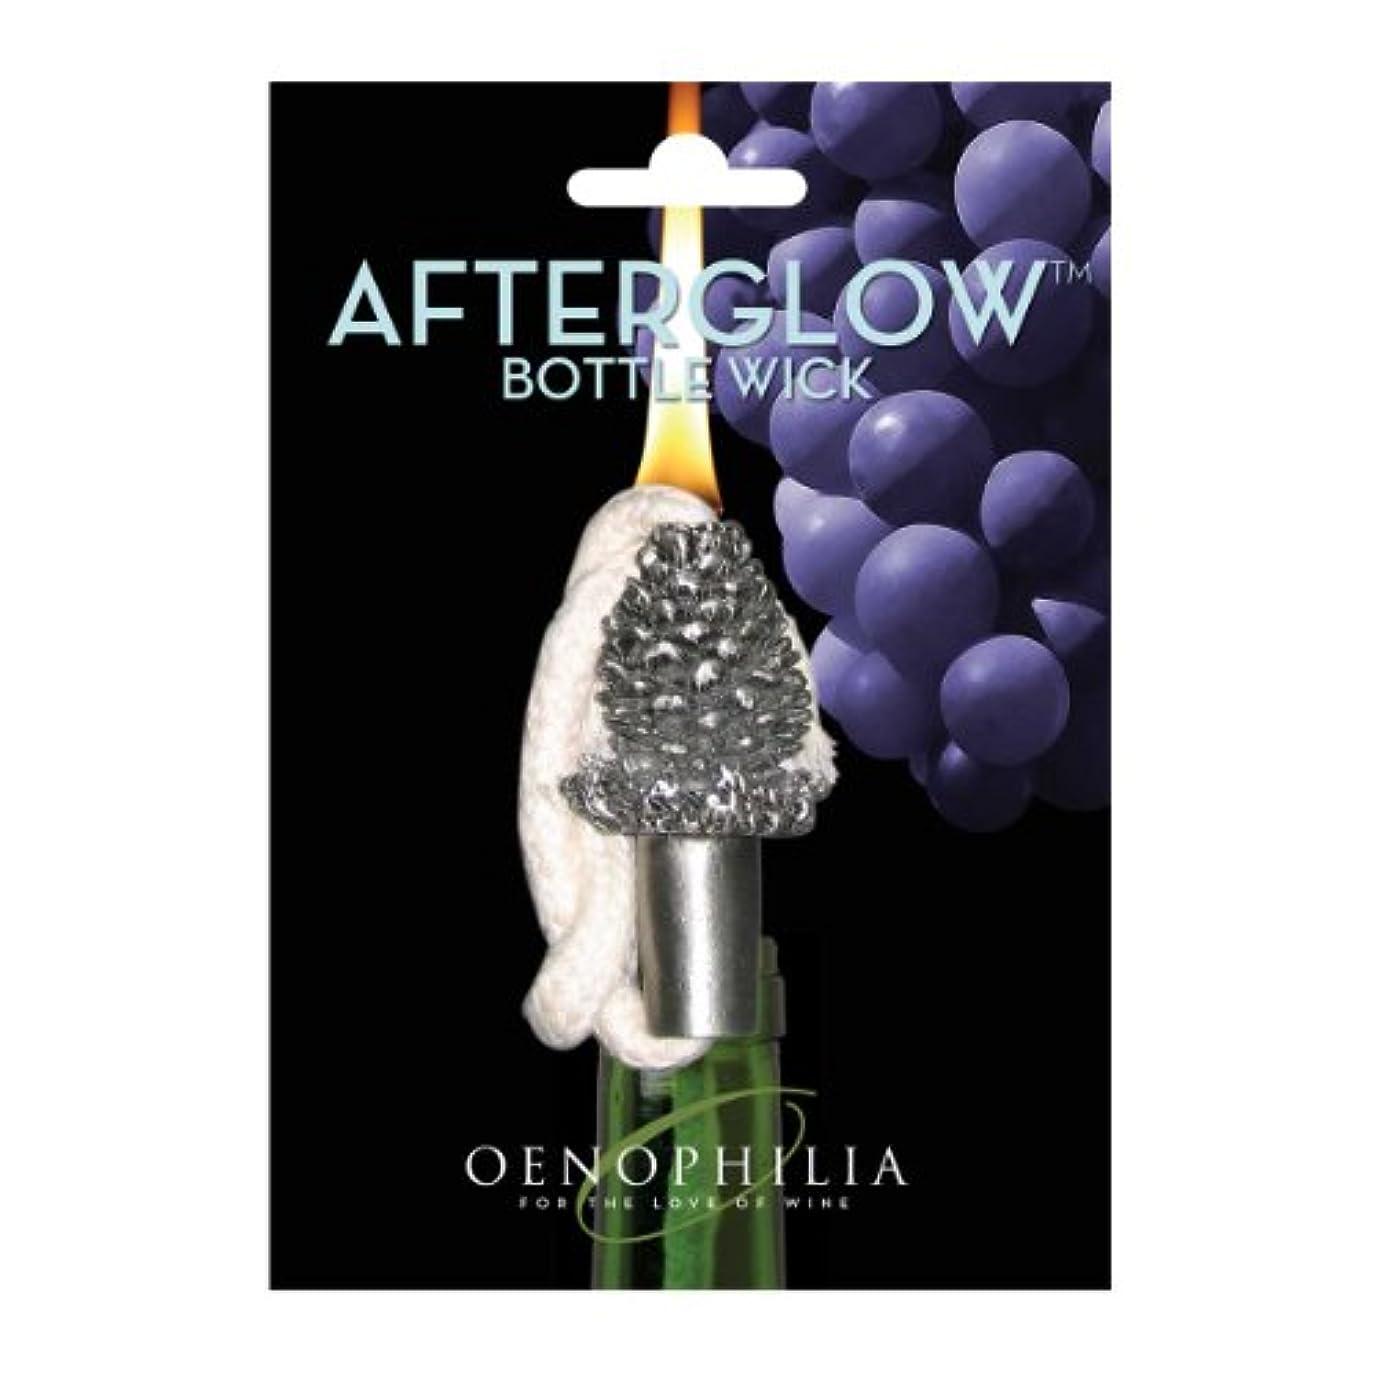 正規化合理化プロテスタントOenophilia Afterglow Bottle Wick - Pinecone by Oenophilia [並行輸入品]